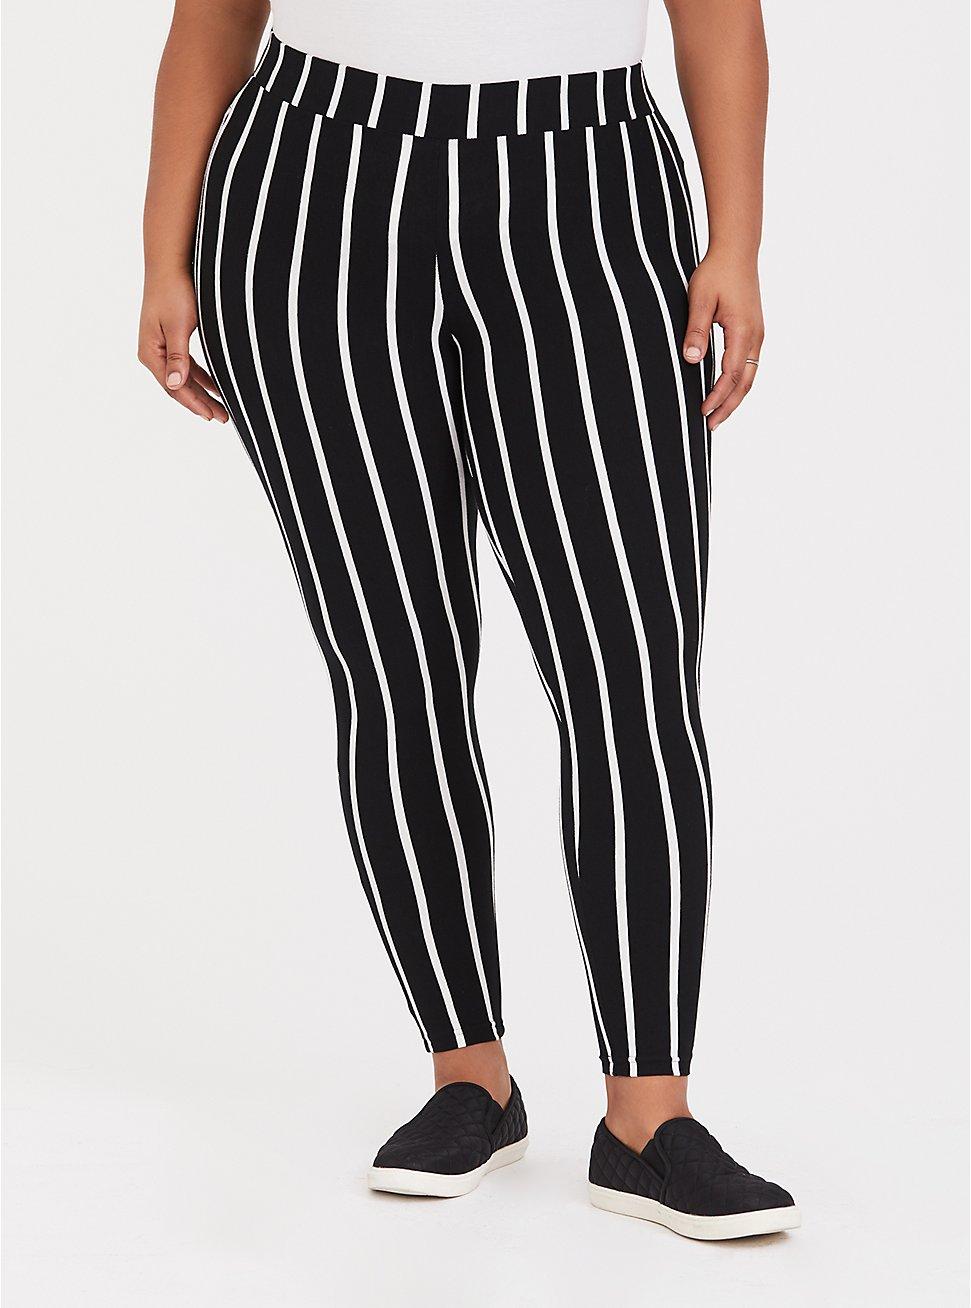 Premium Legging - Stripe Black & White, MULTI, hi-res